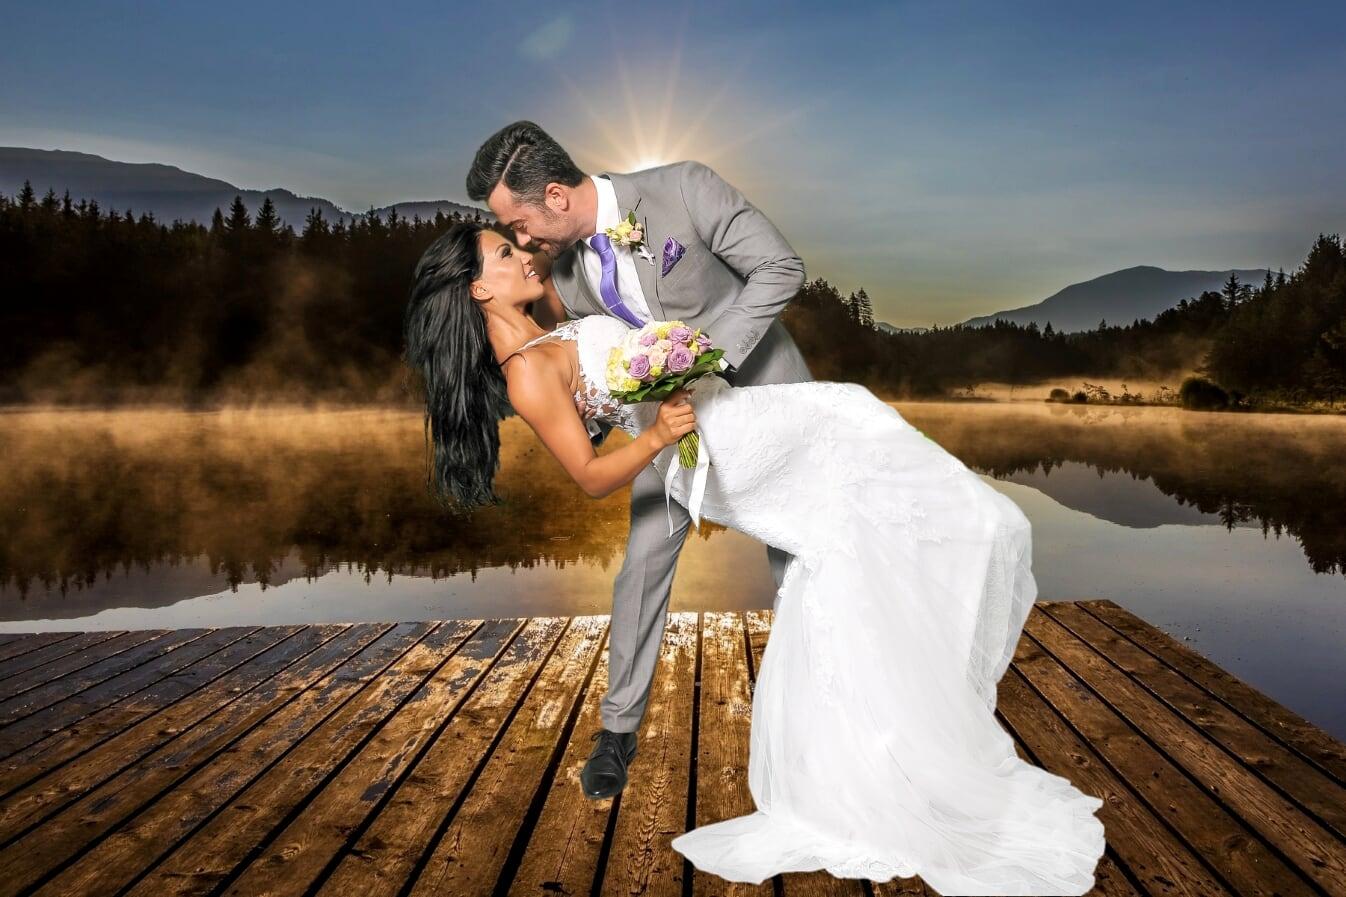 S naším fotokoutkem se rádi přizpůsobíme vaší podzimní svatbě